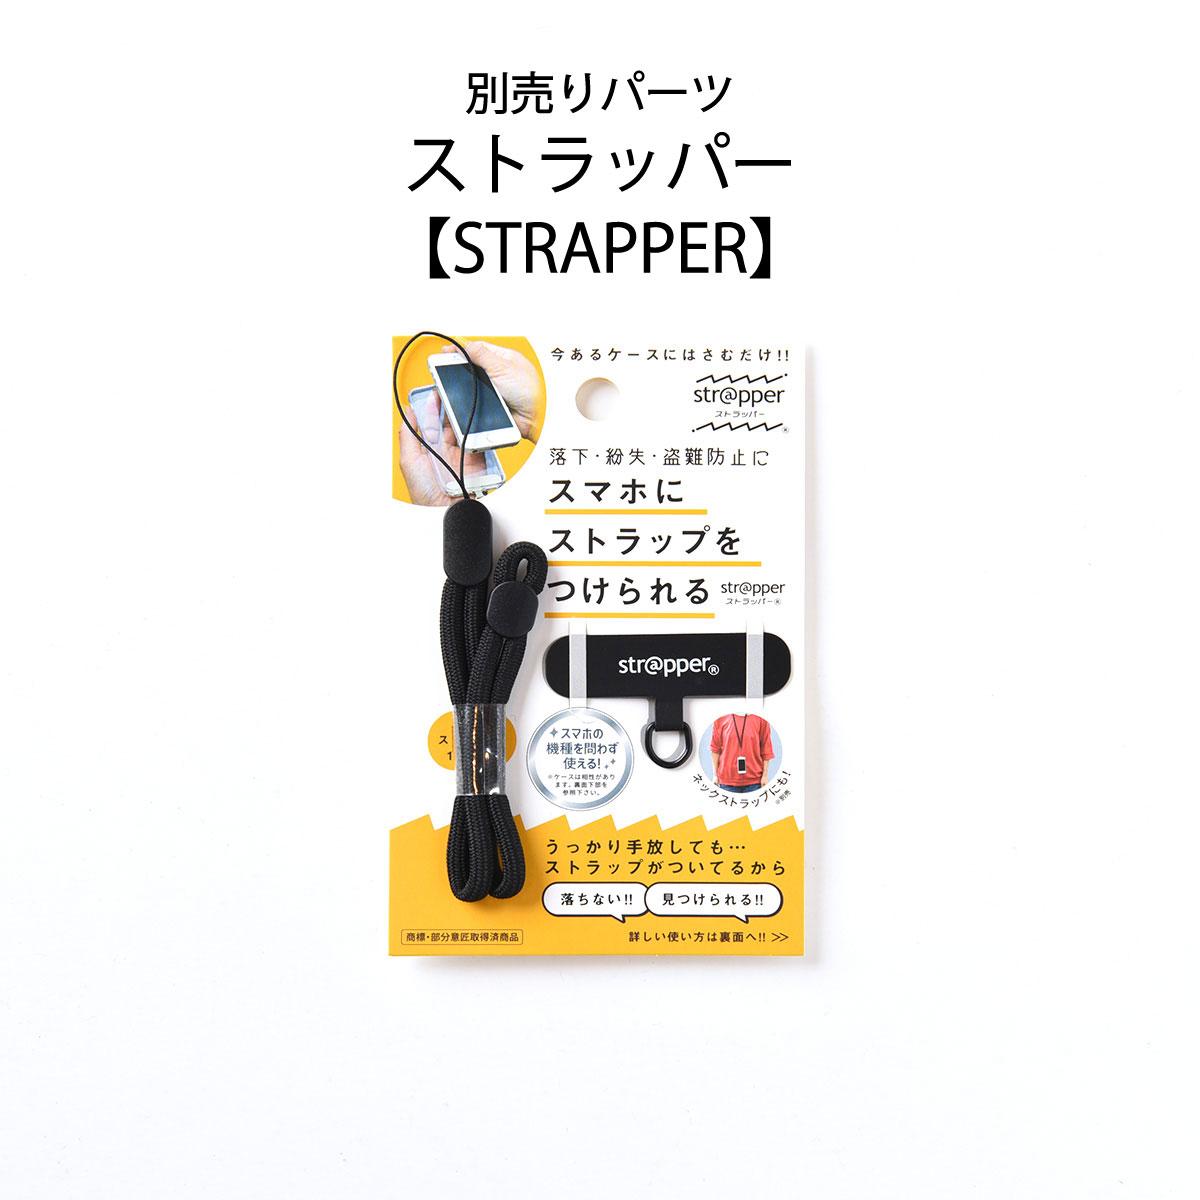 ストラップ スマホ用 Strapper